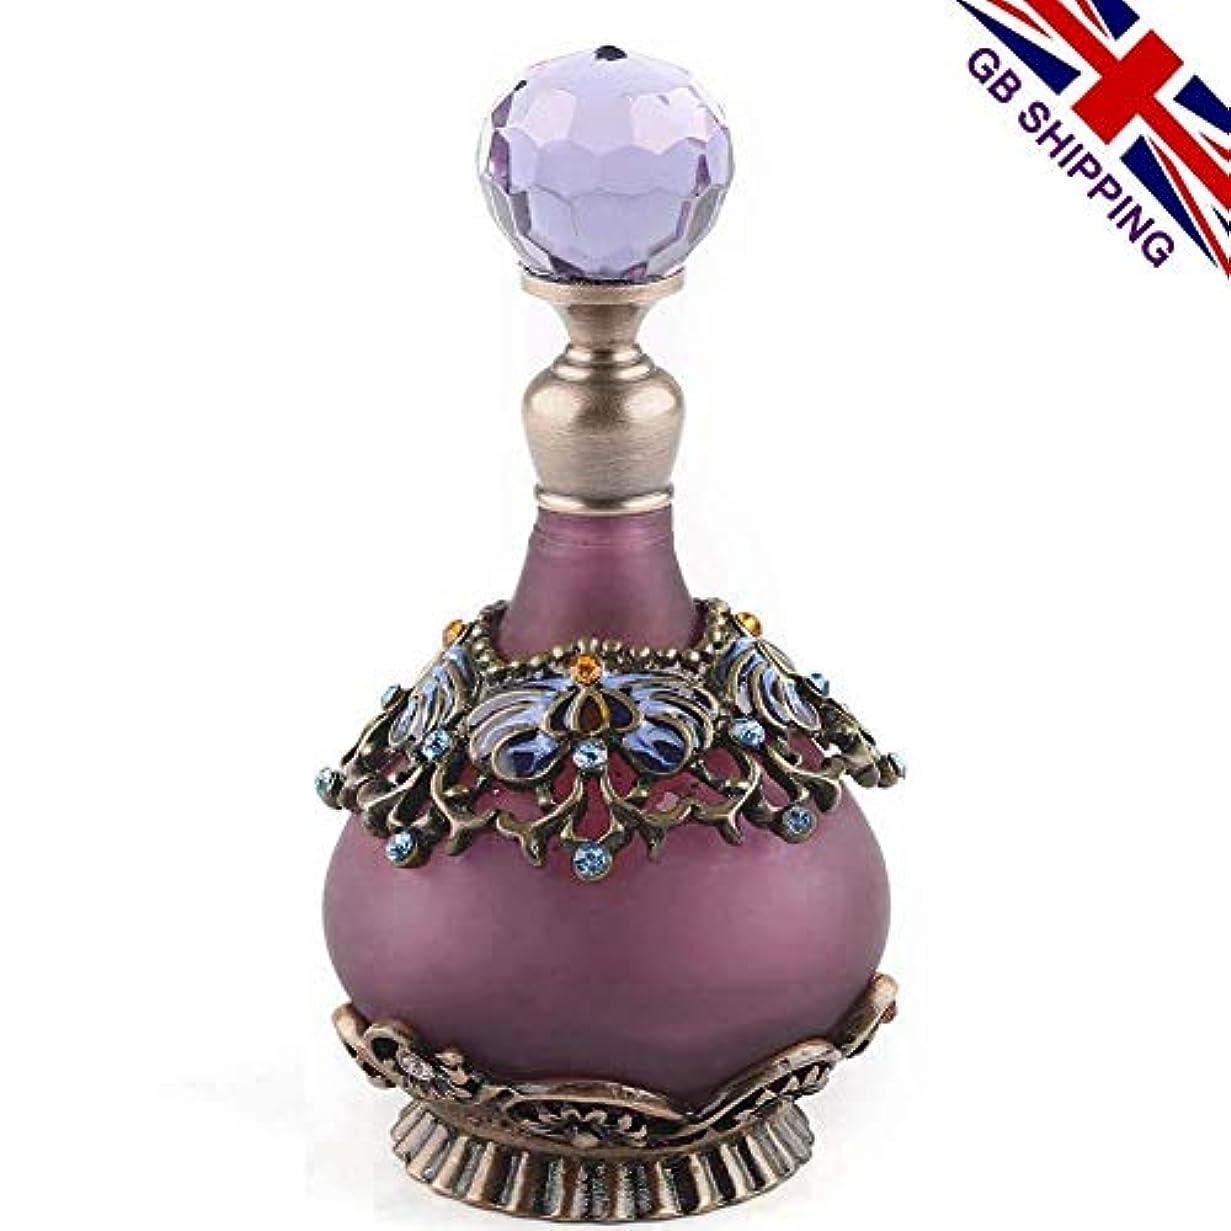 地元とらえどころのない参加するVERY100 高品質 美しい香水瓶 23ML アロマボトル 綺麗アンティーク風 プレゼント 結婚式 飾り 58798